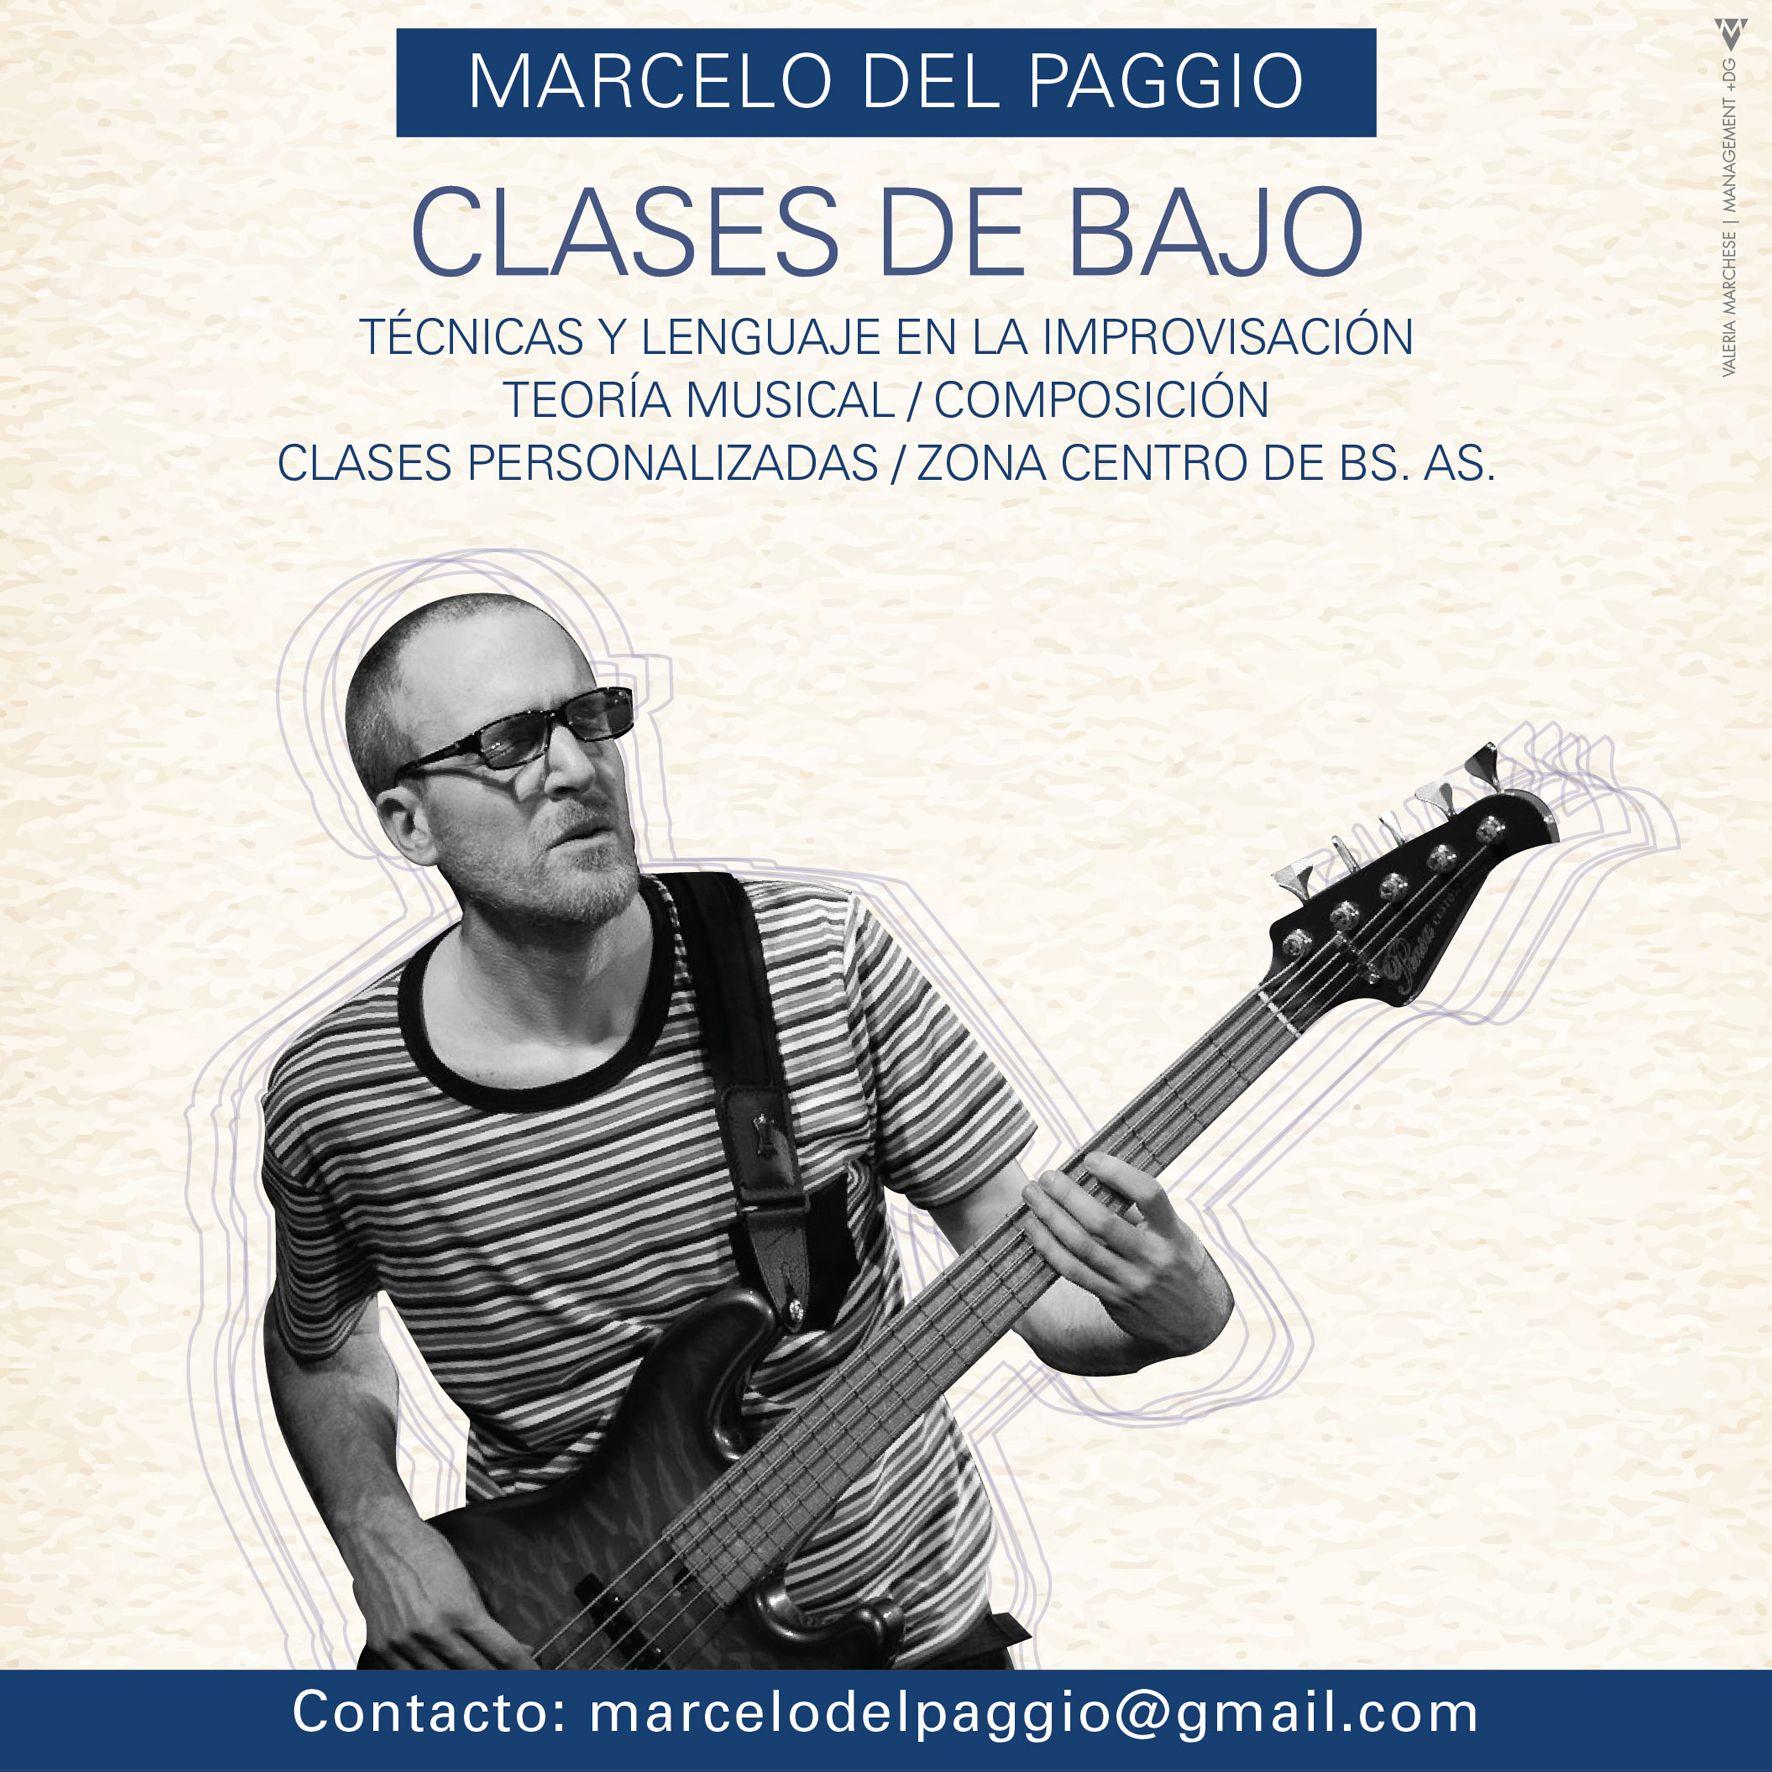 Marcelo Del Paggio Diseño Flyer / Octubre 2015